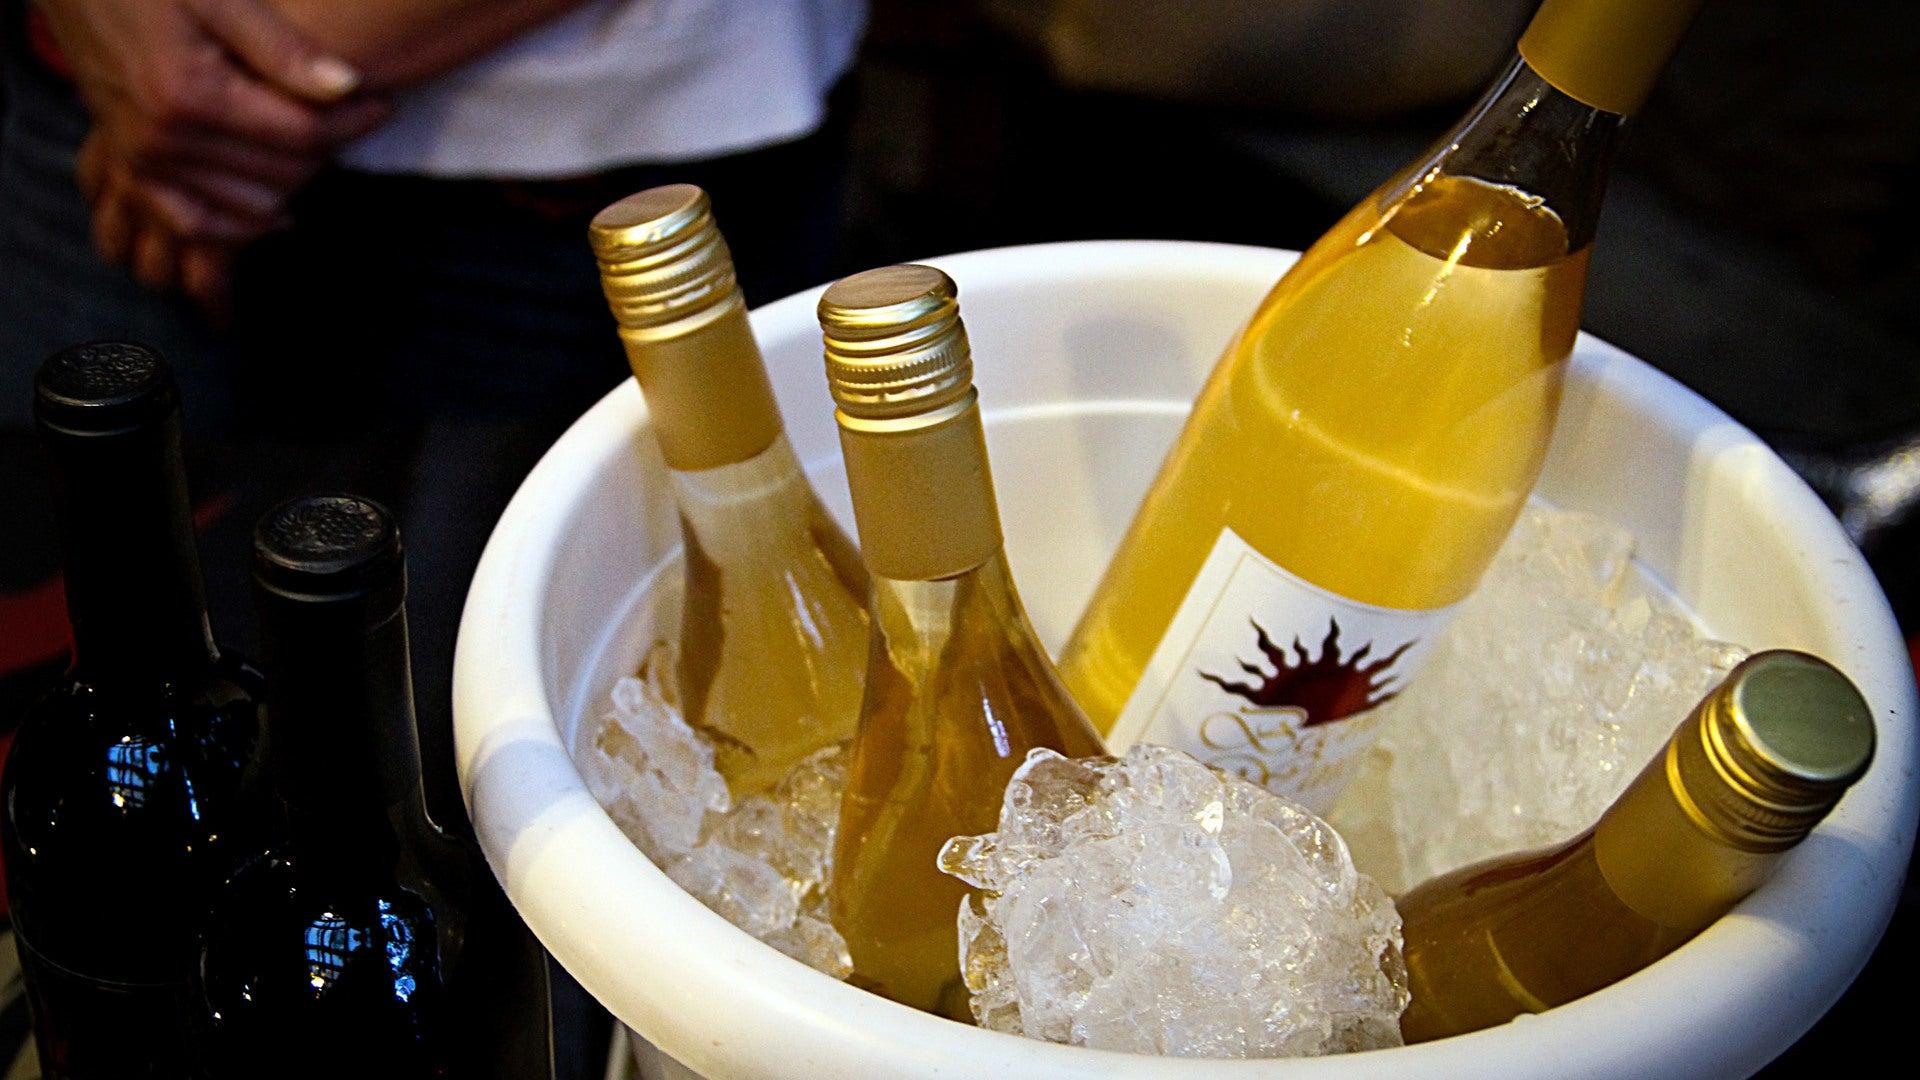 Serve Cheap White Wine Ice-Cold